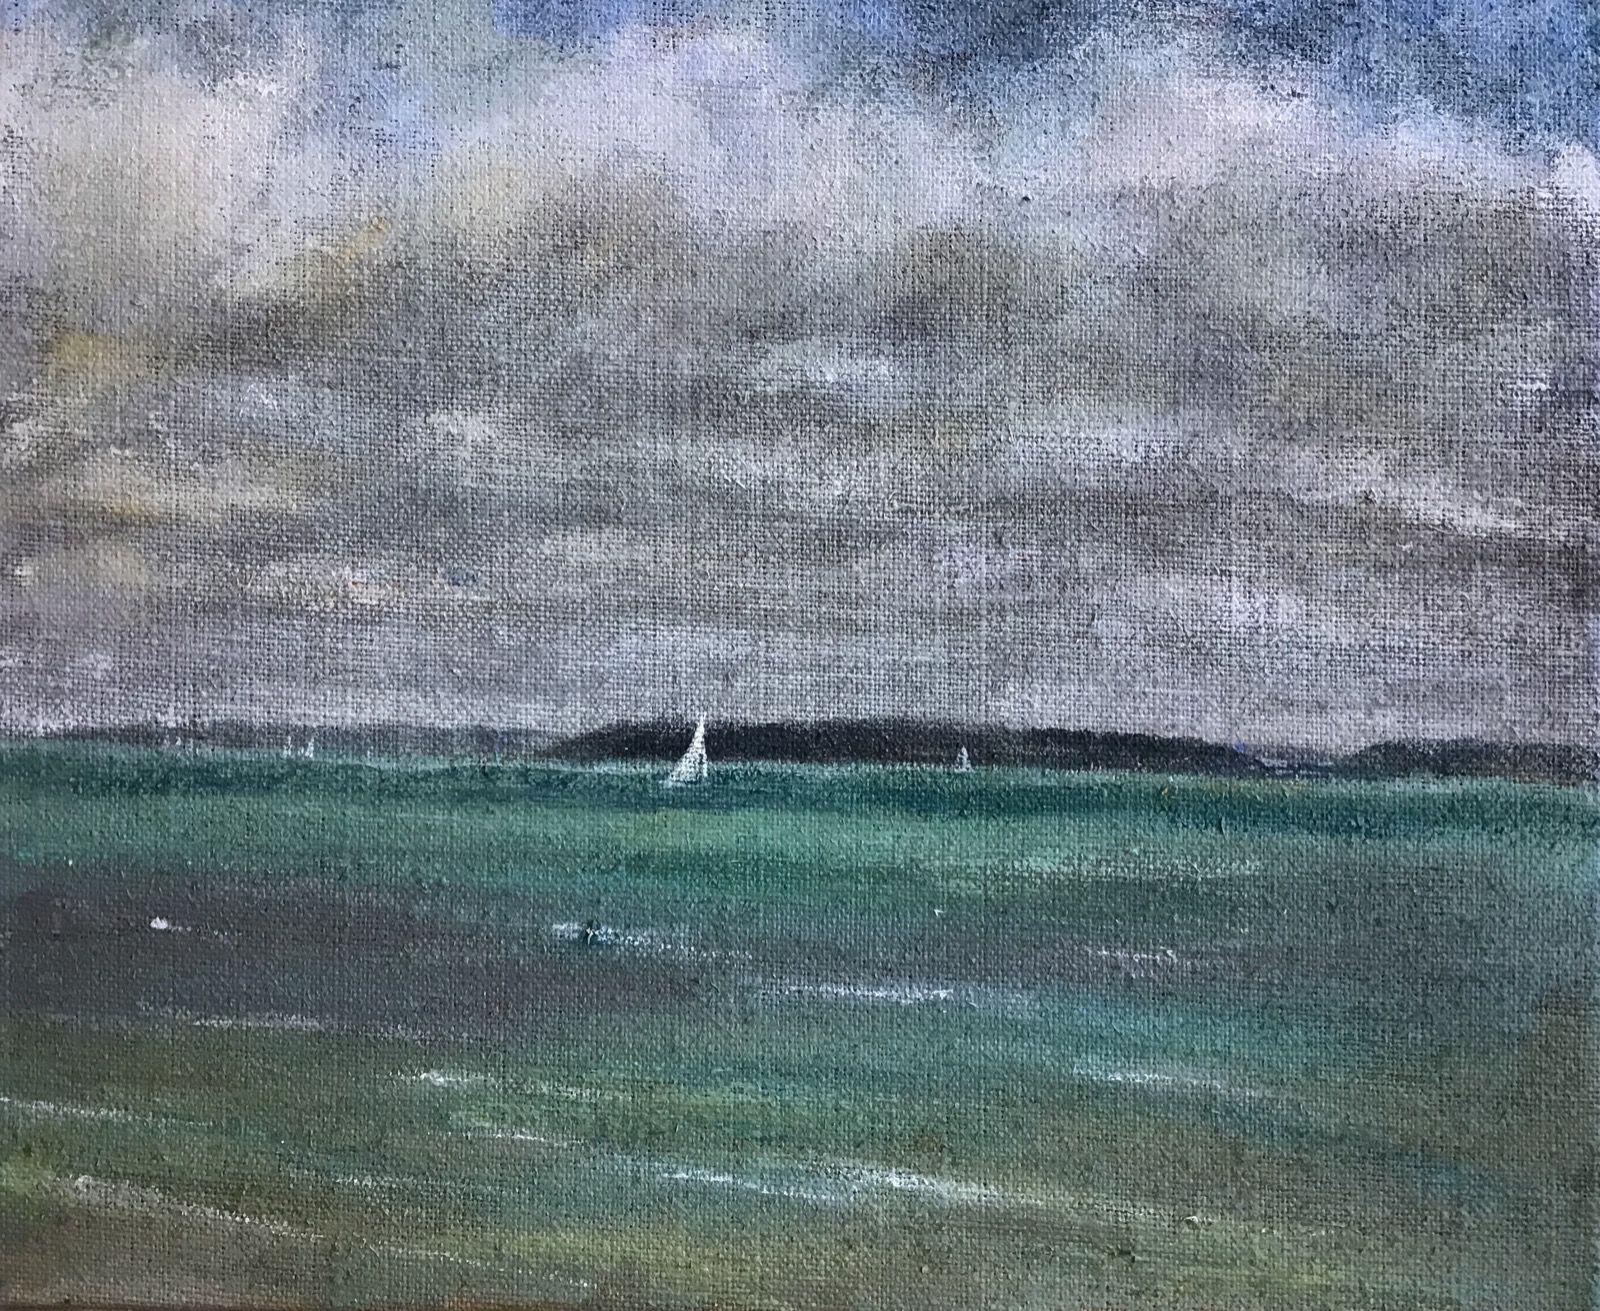 Solent Seascape